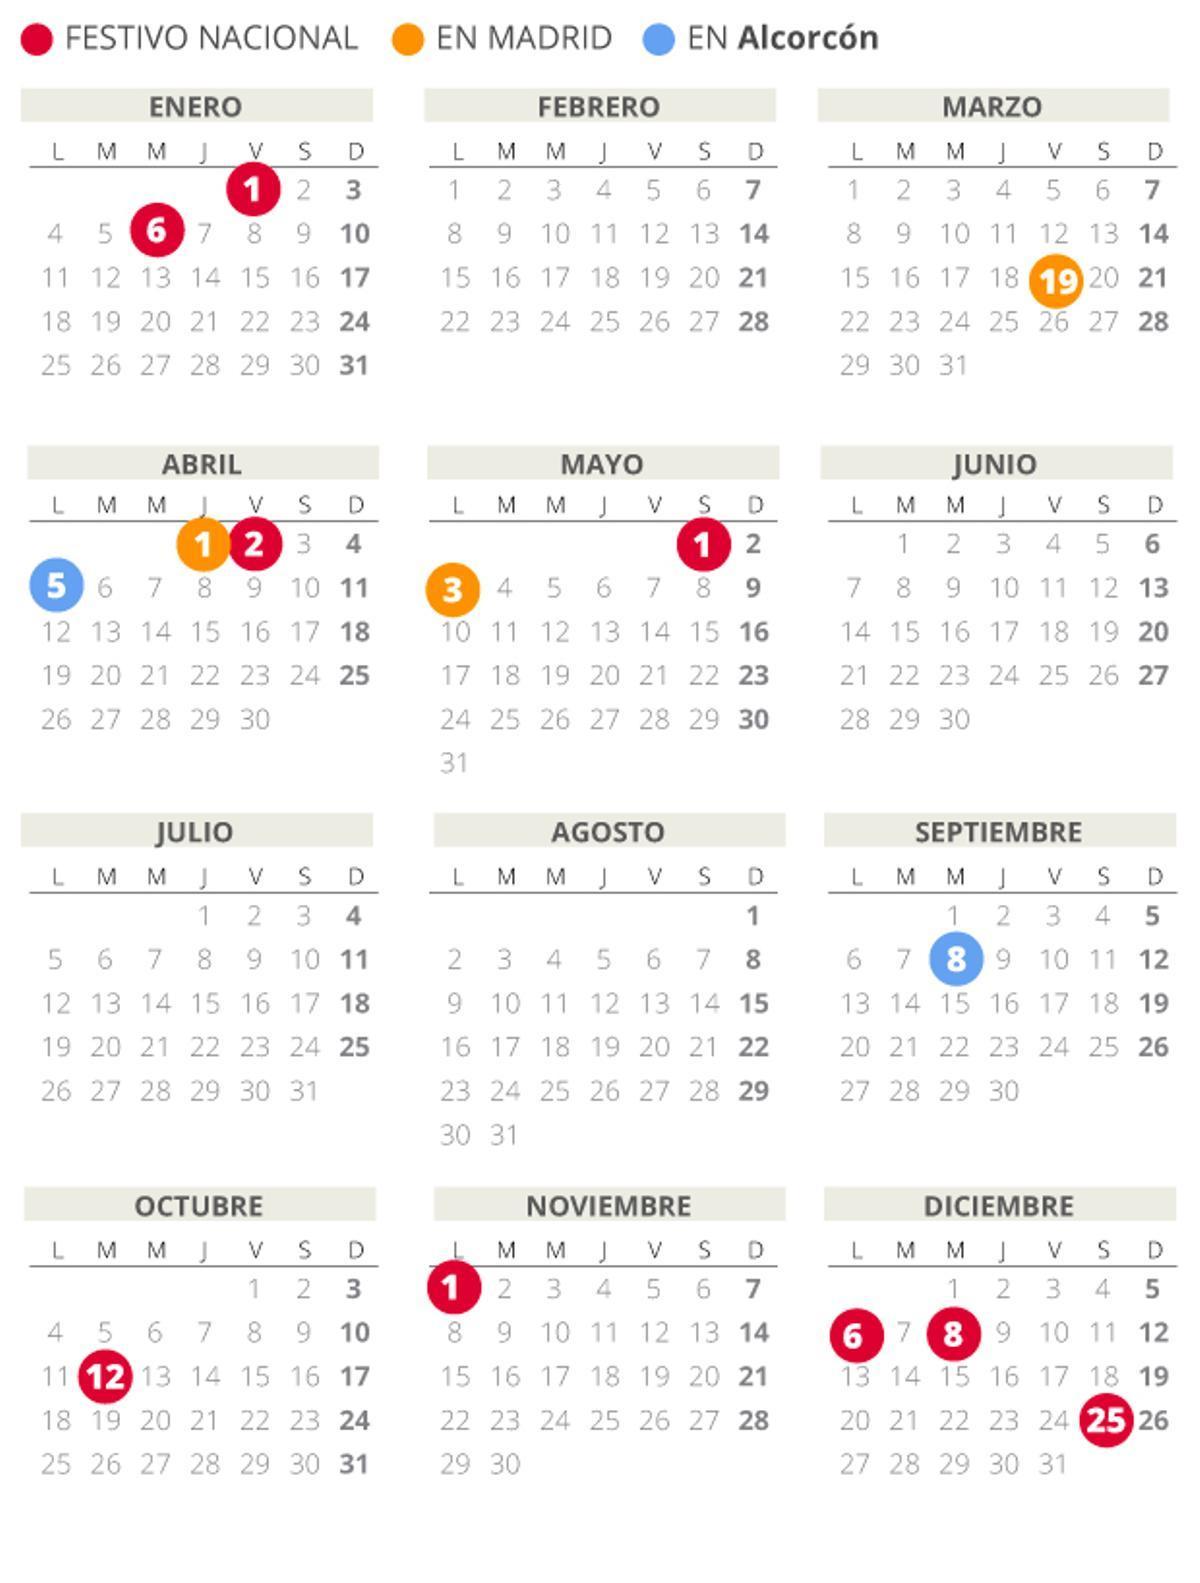 Calendario laboral de Alcorcón del 2021.